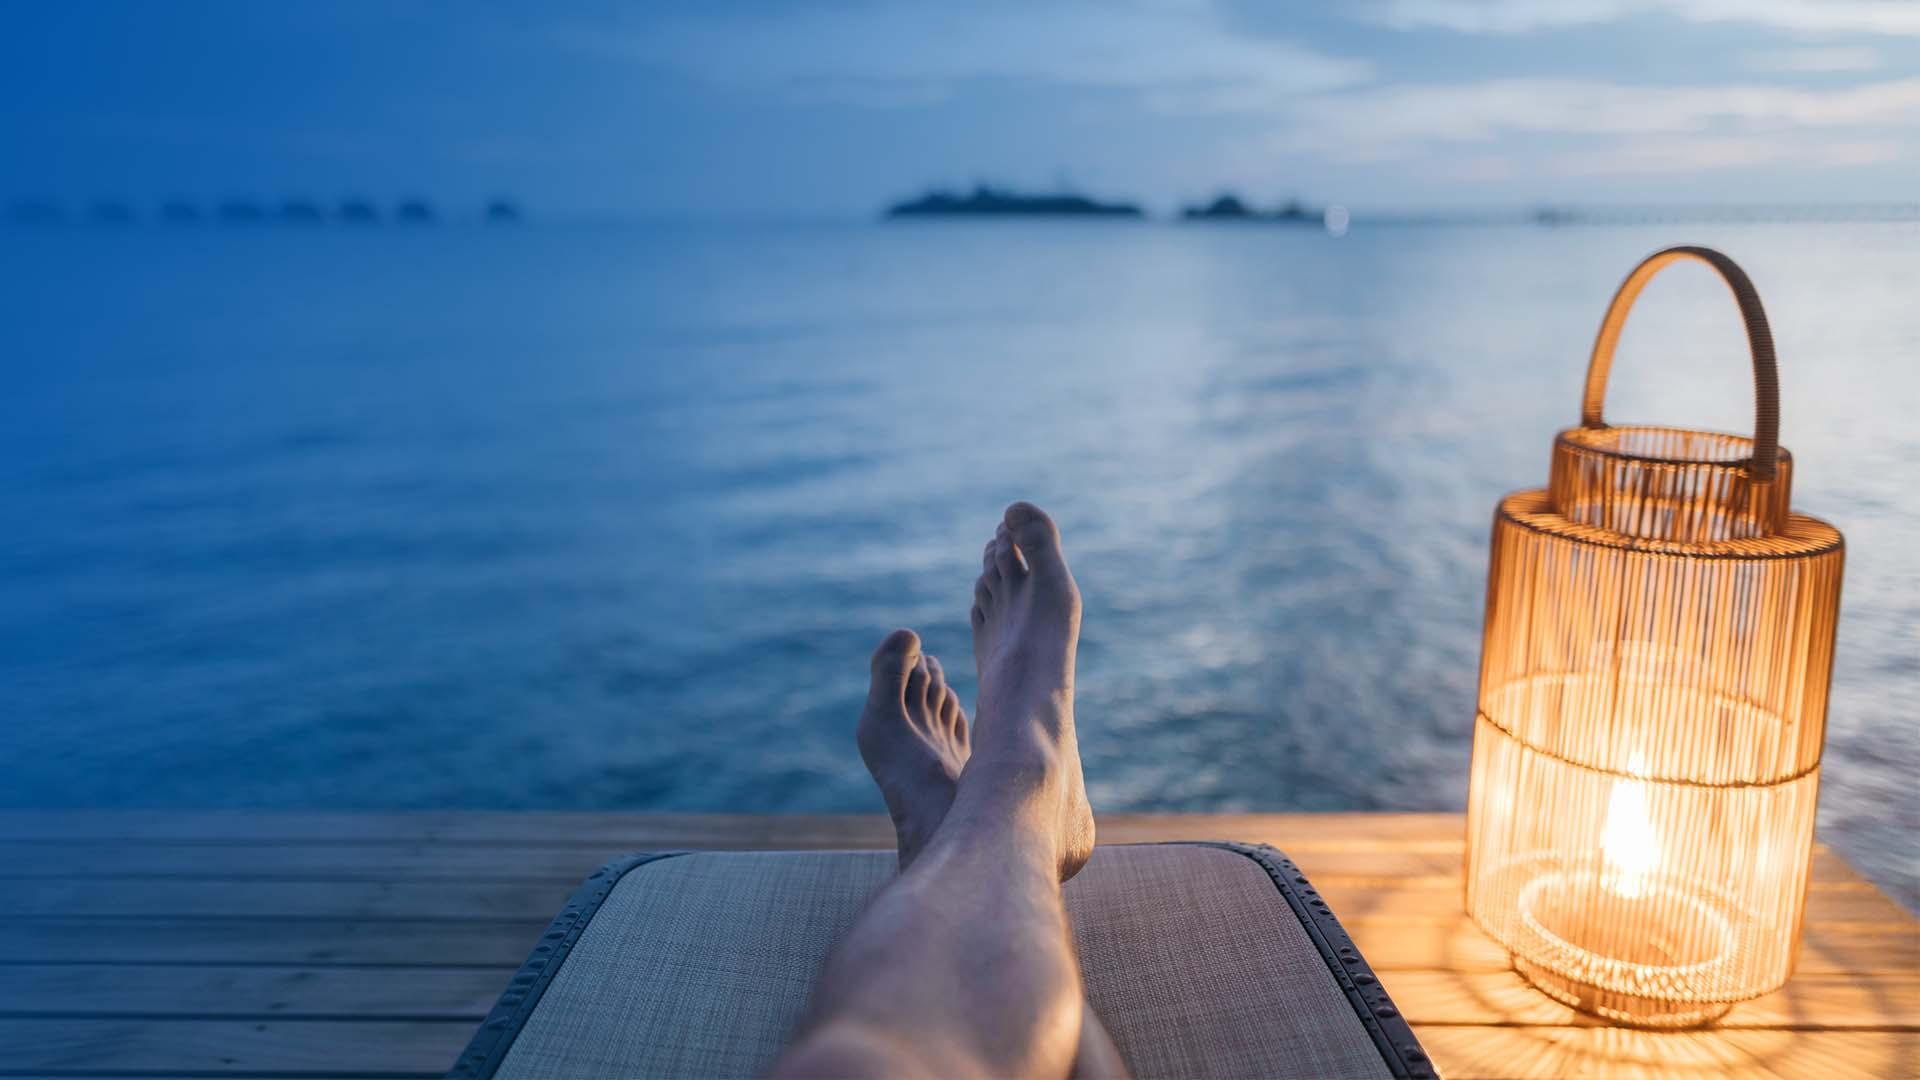 Relaxing Resort Pier image